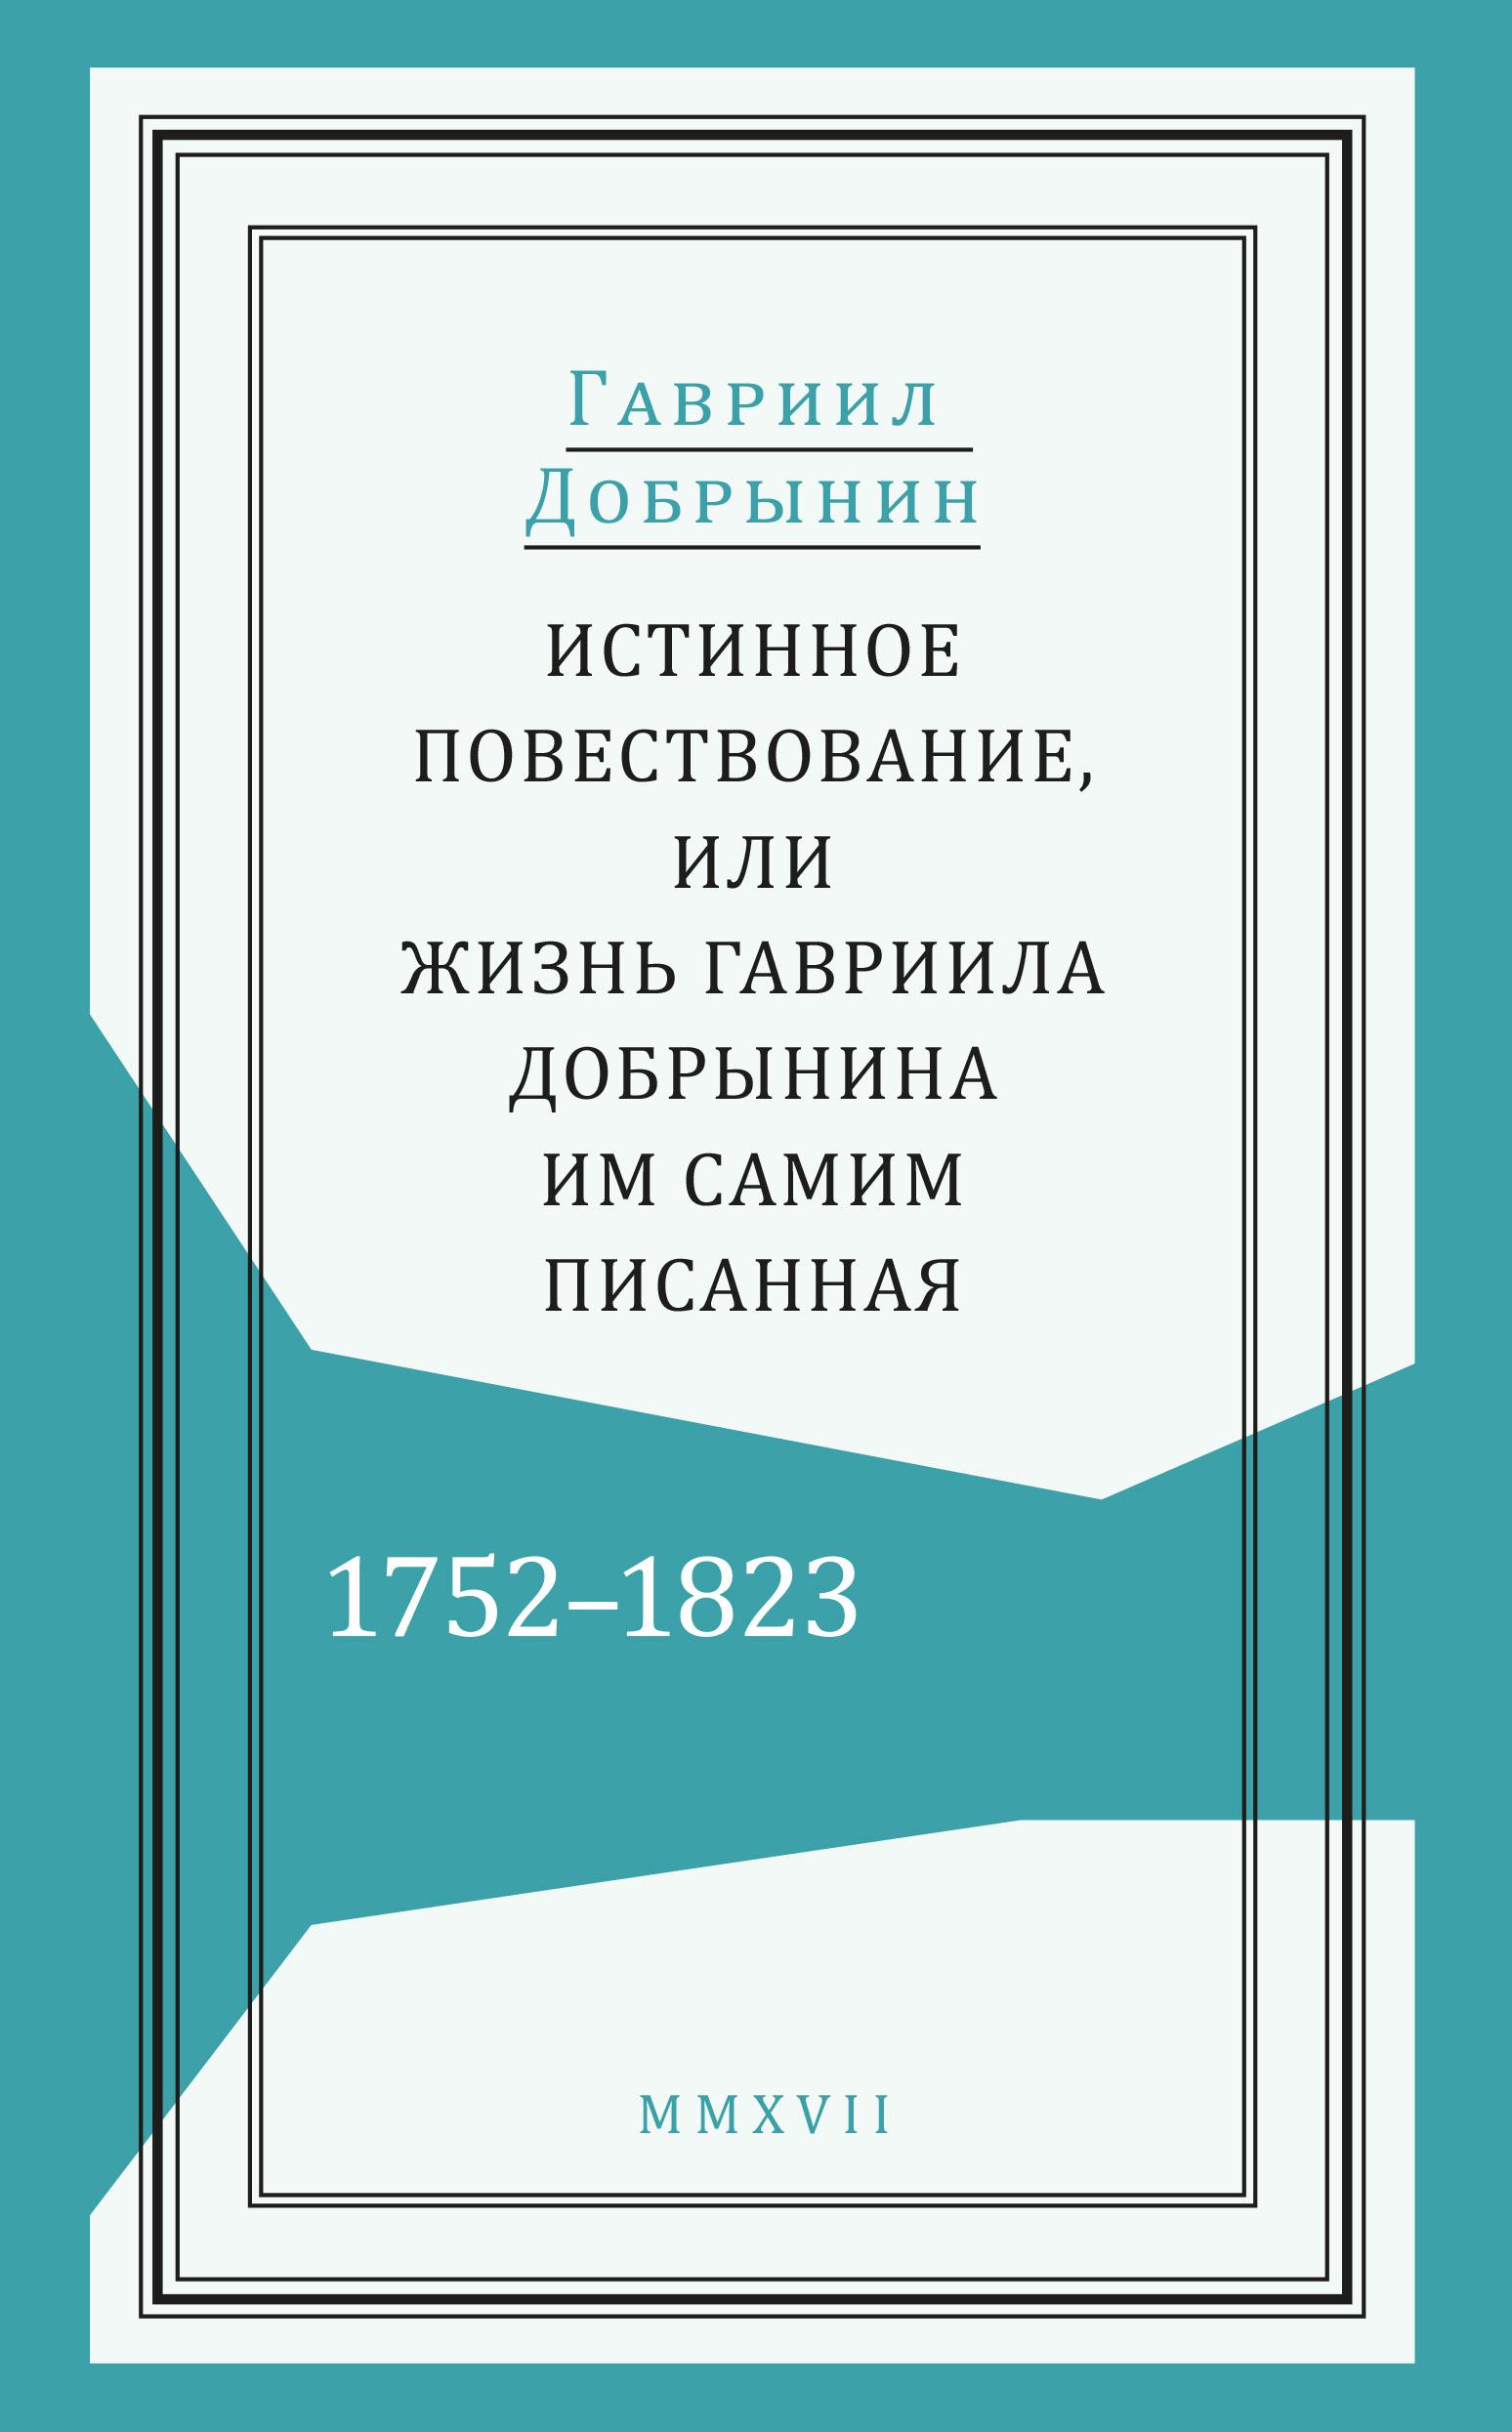 Истинное повествование, или Жизнь Гавриила Добрынина, им самим писанная. 1752-1823